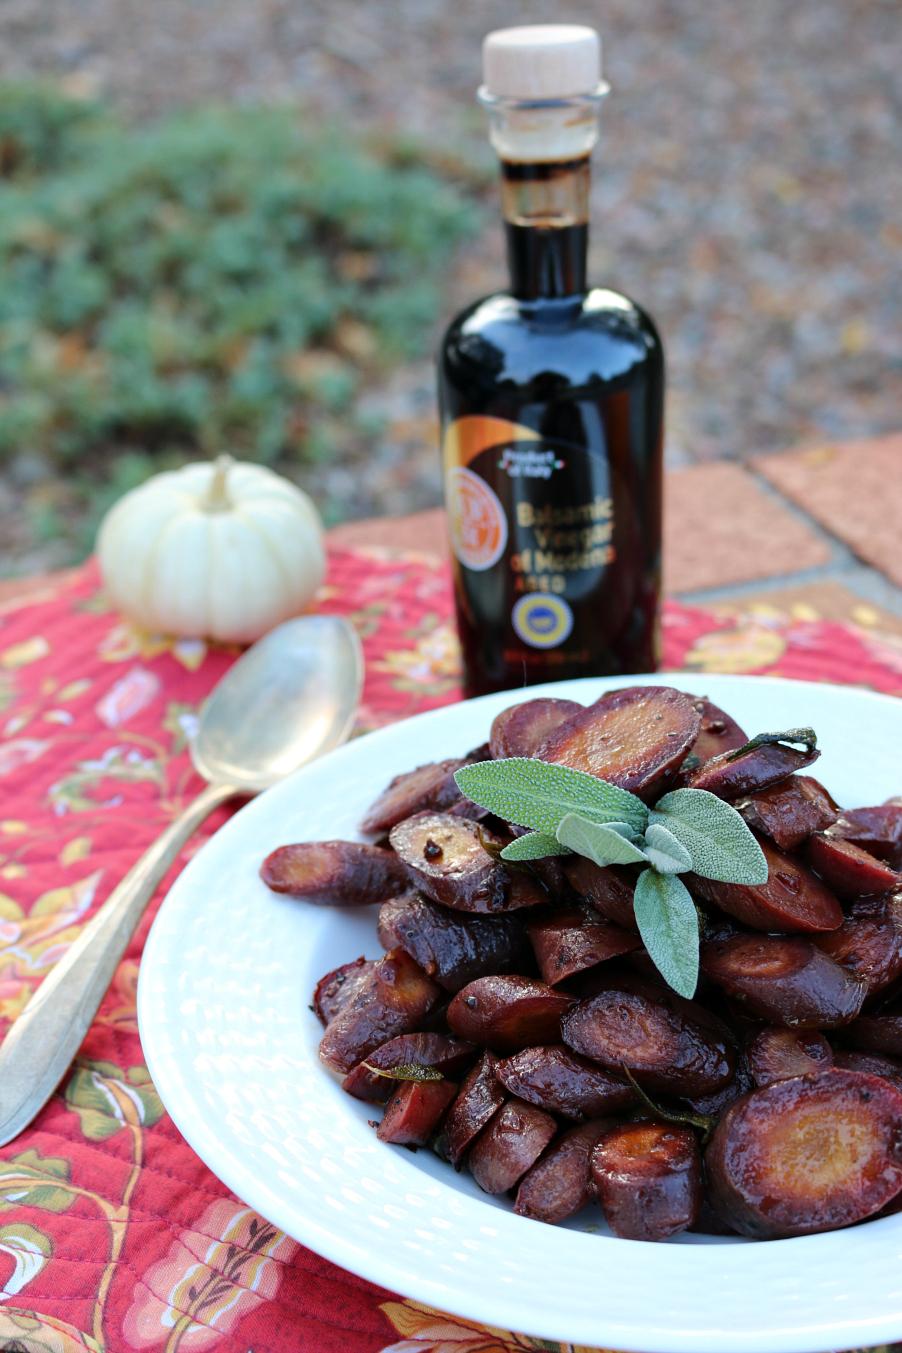 Braised Purple Carrots Recipe CeceliasGoodStuff.com   Good Food for Good People